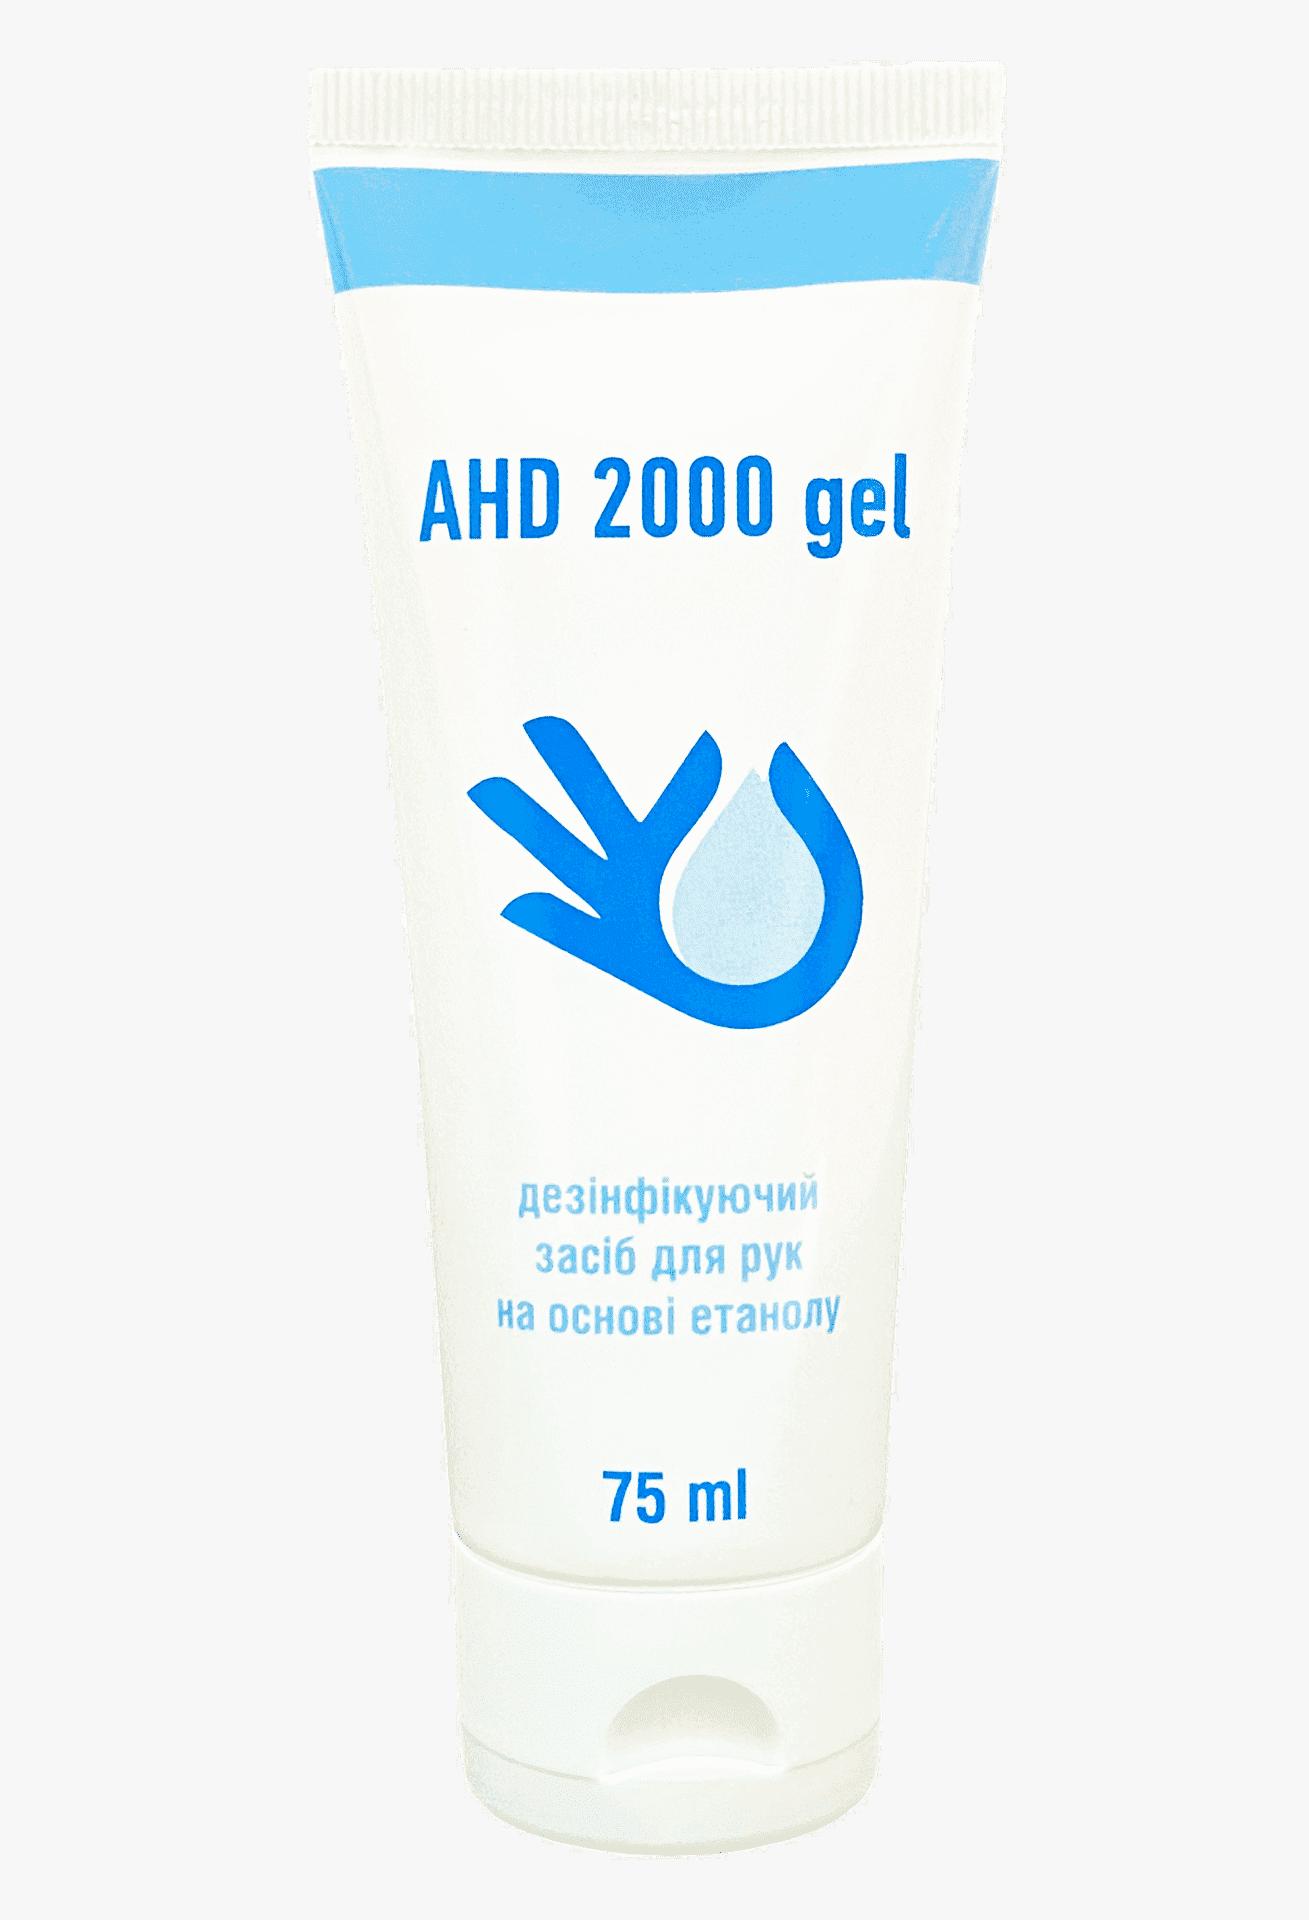 АХД 2000 гель, 75мл